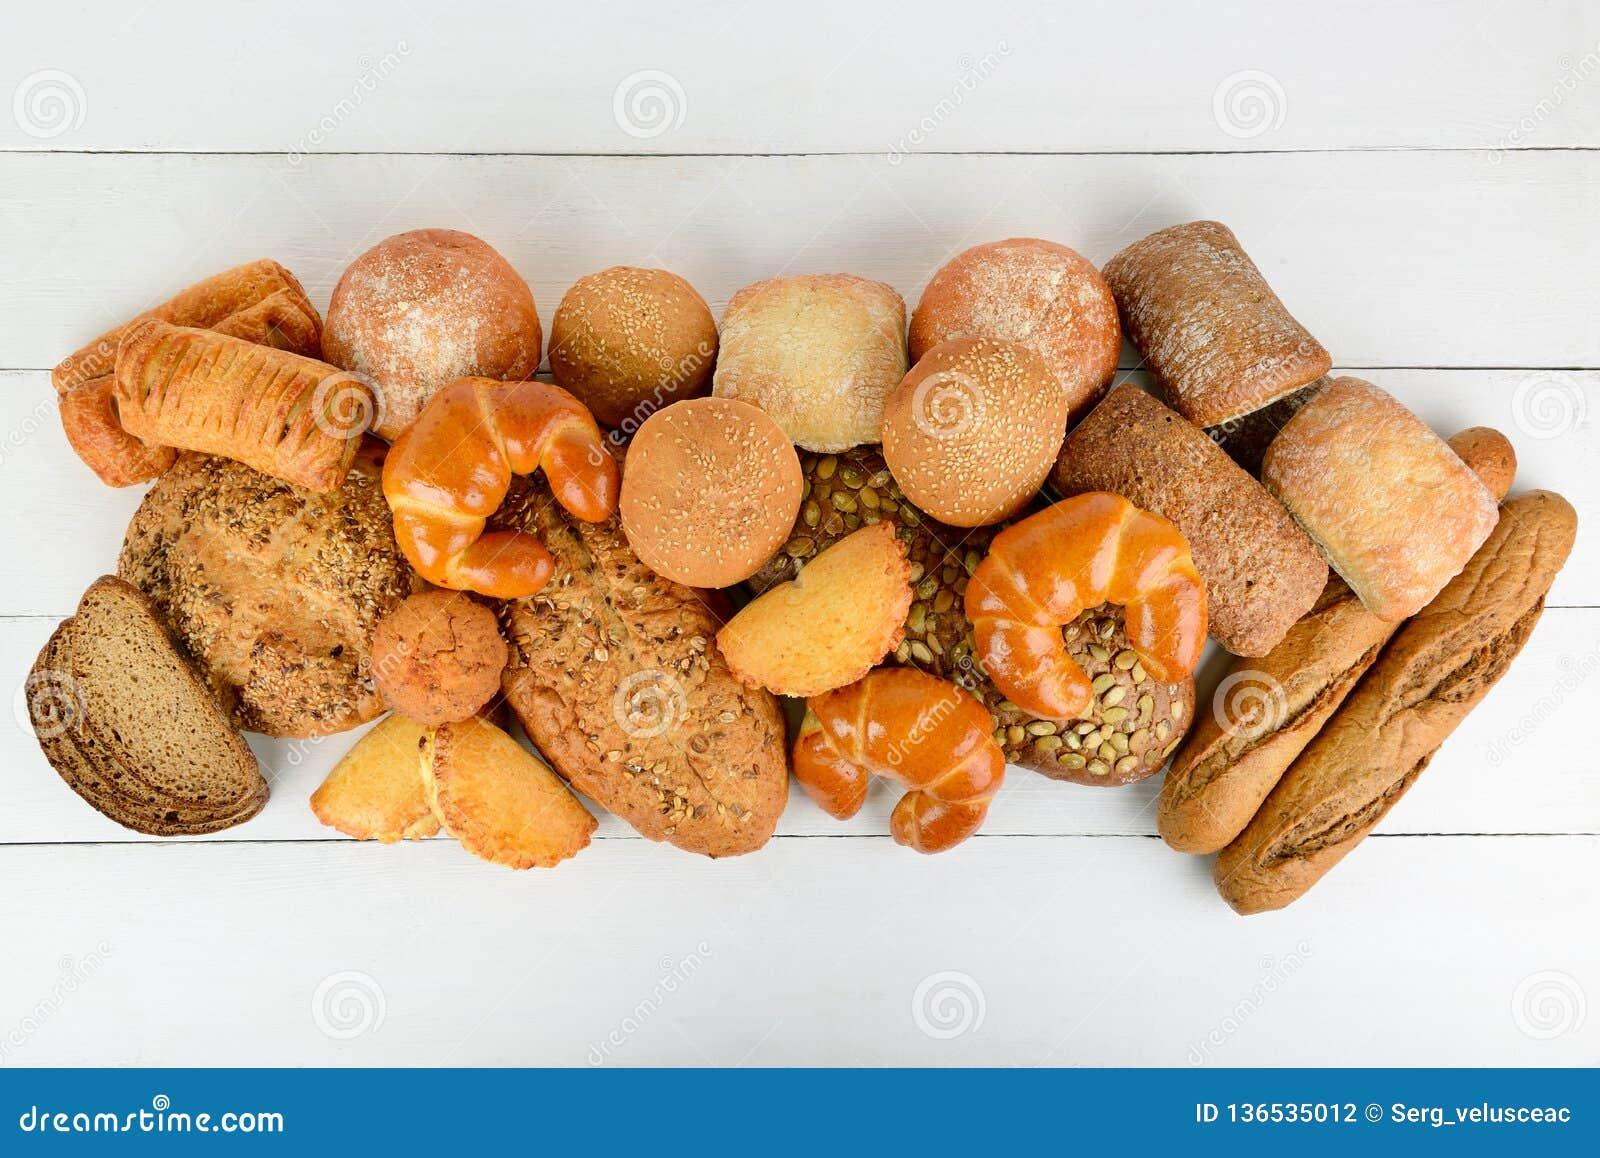 面包、小圆面包、新月形面包和其他焙烤食品在木桌上